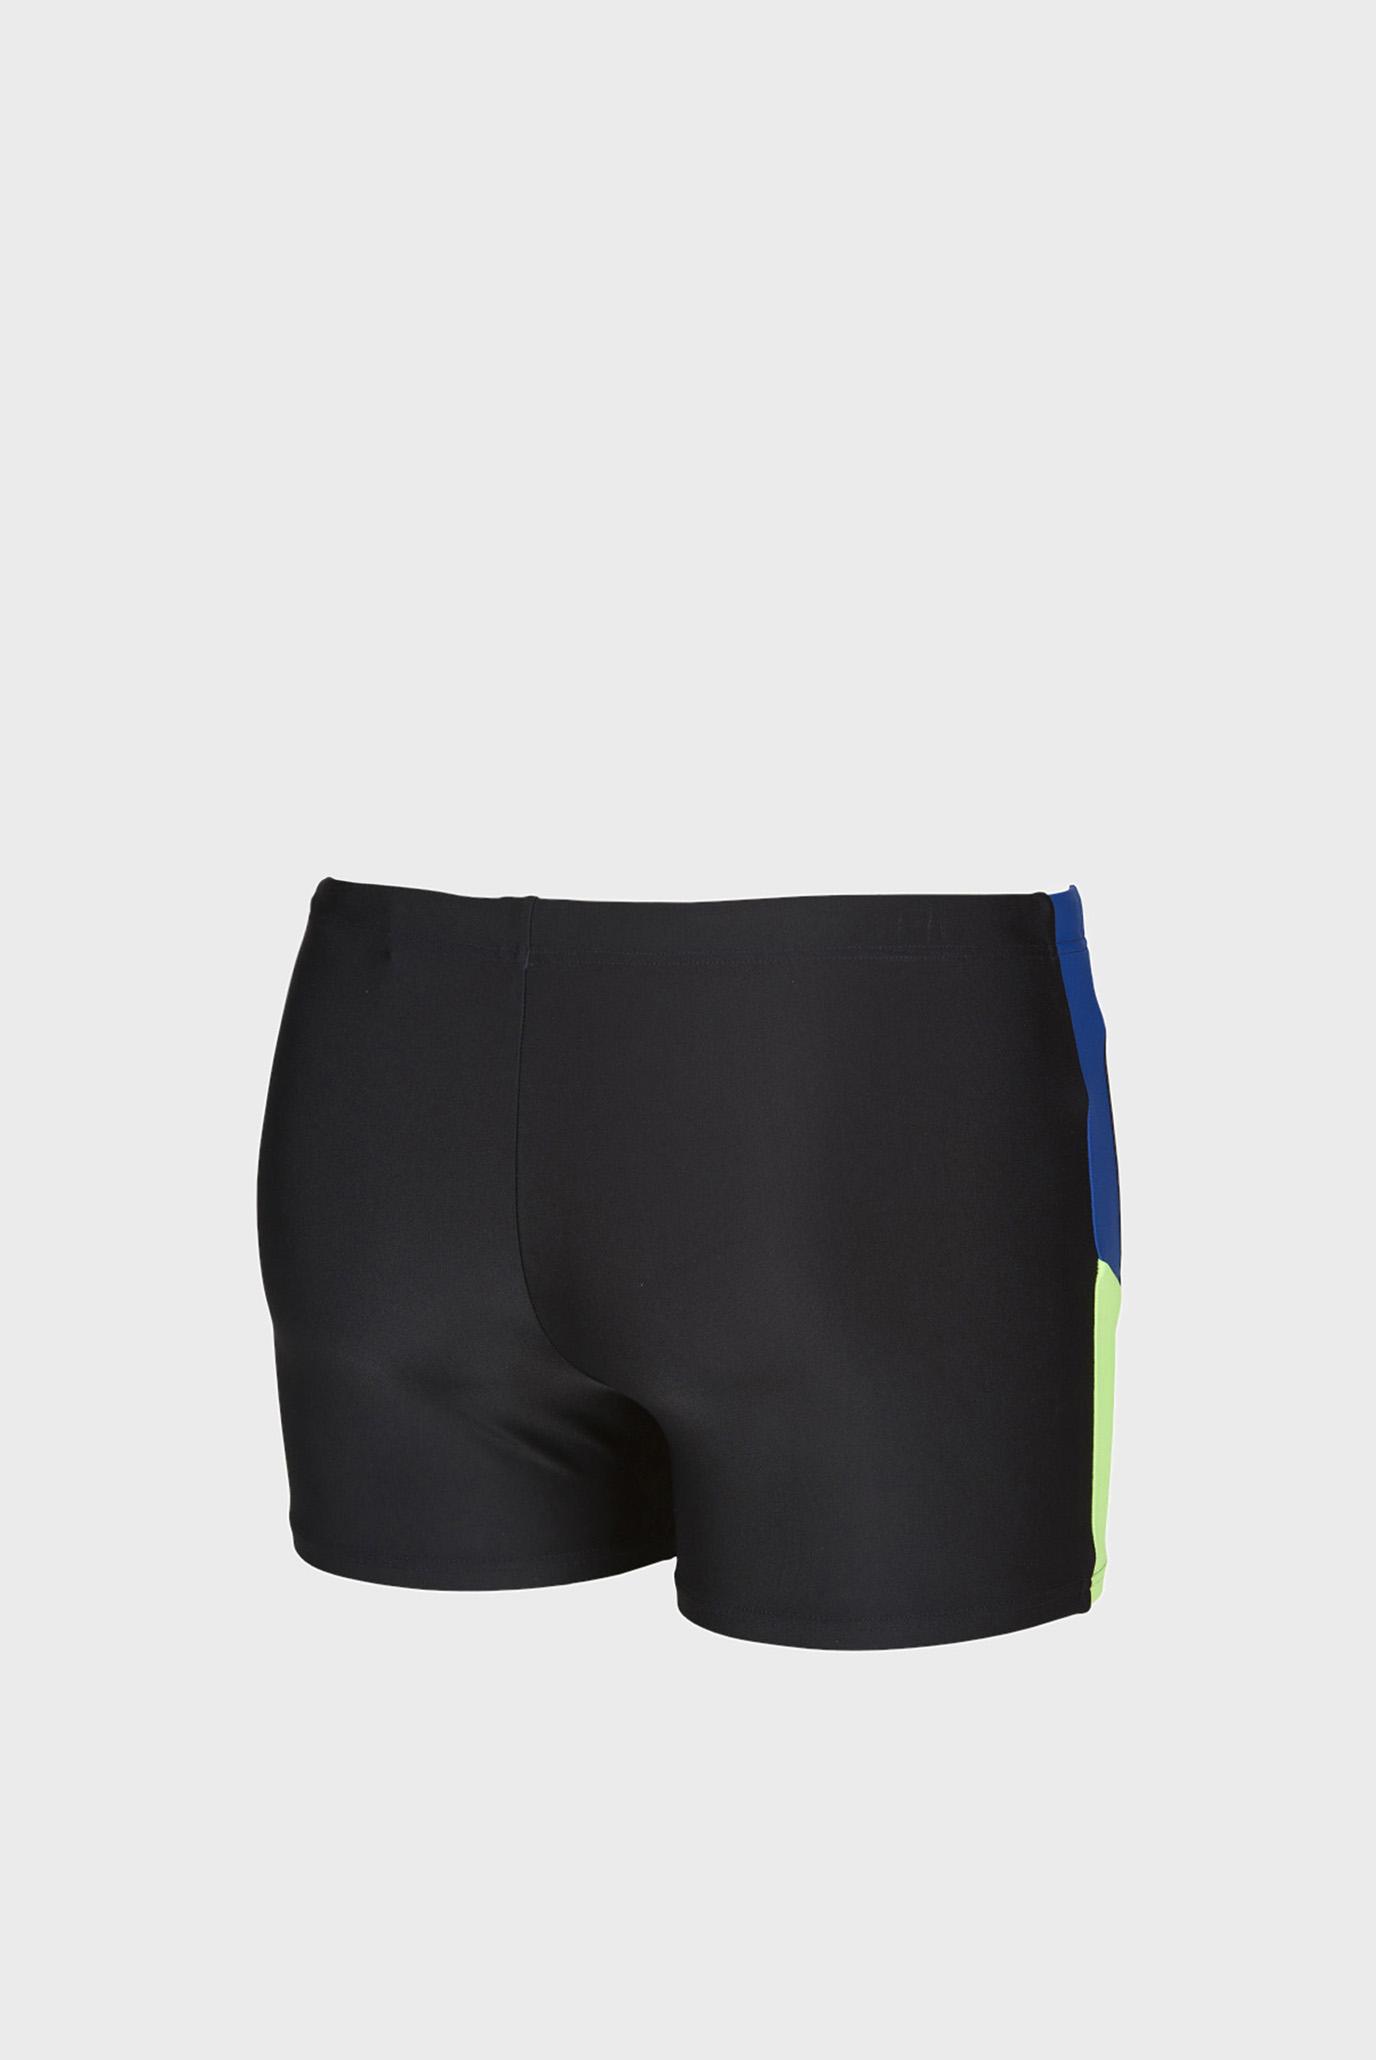 Купить Мужские черные плавки REN SHORT Arena Arena 000991-576 – Киев, Украина. Цены в интернет магазине MD Fashion